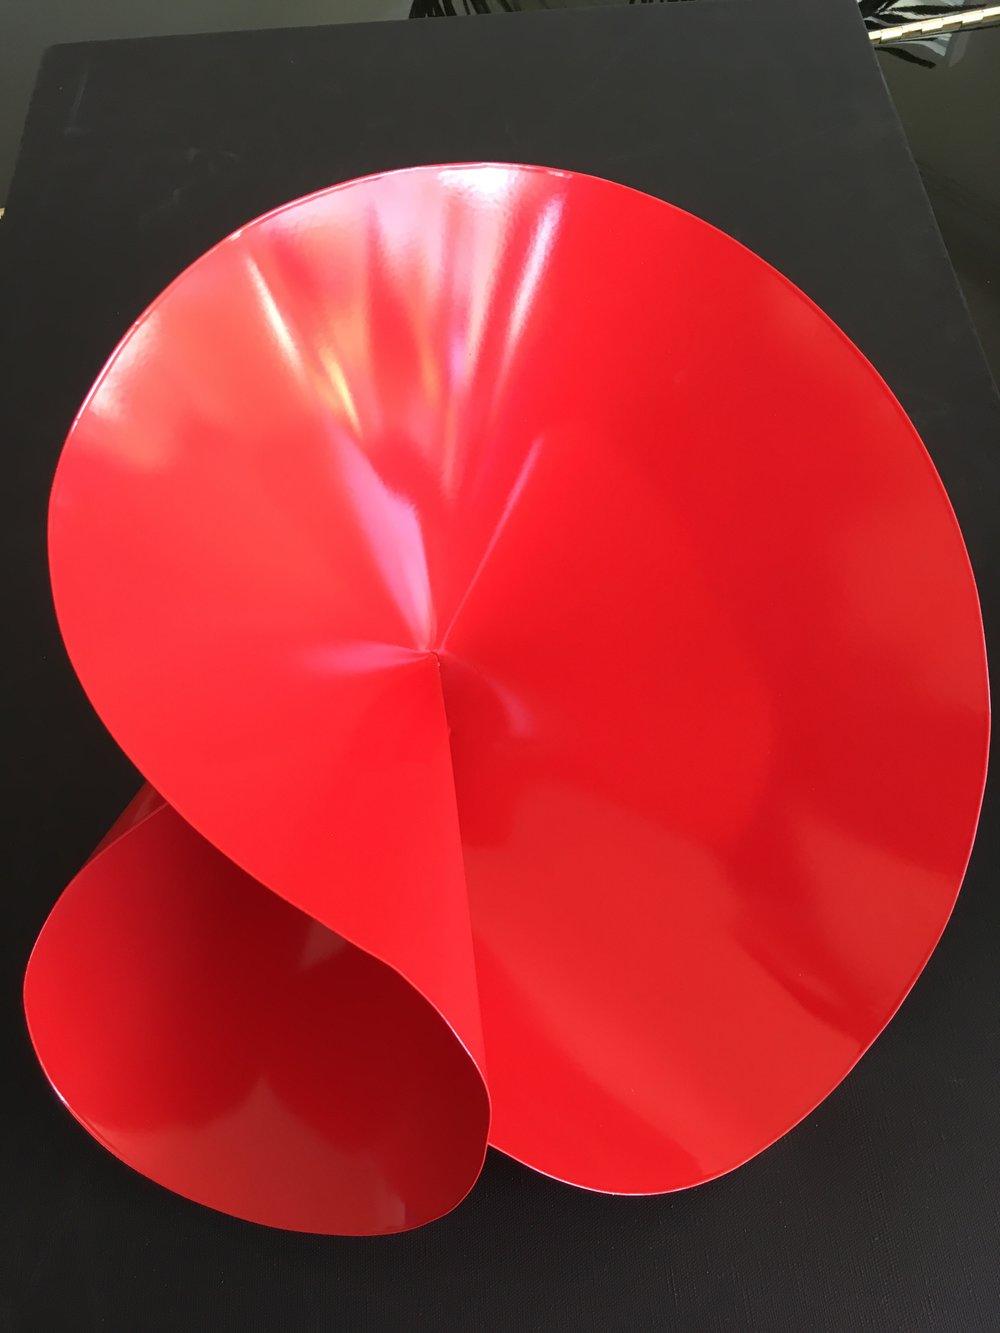 RedCookie1.JPG